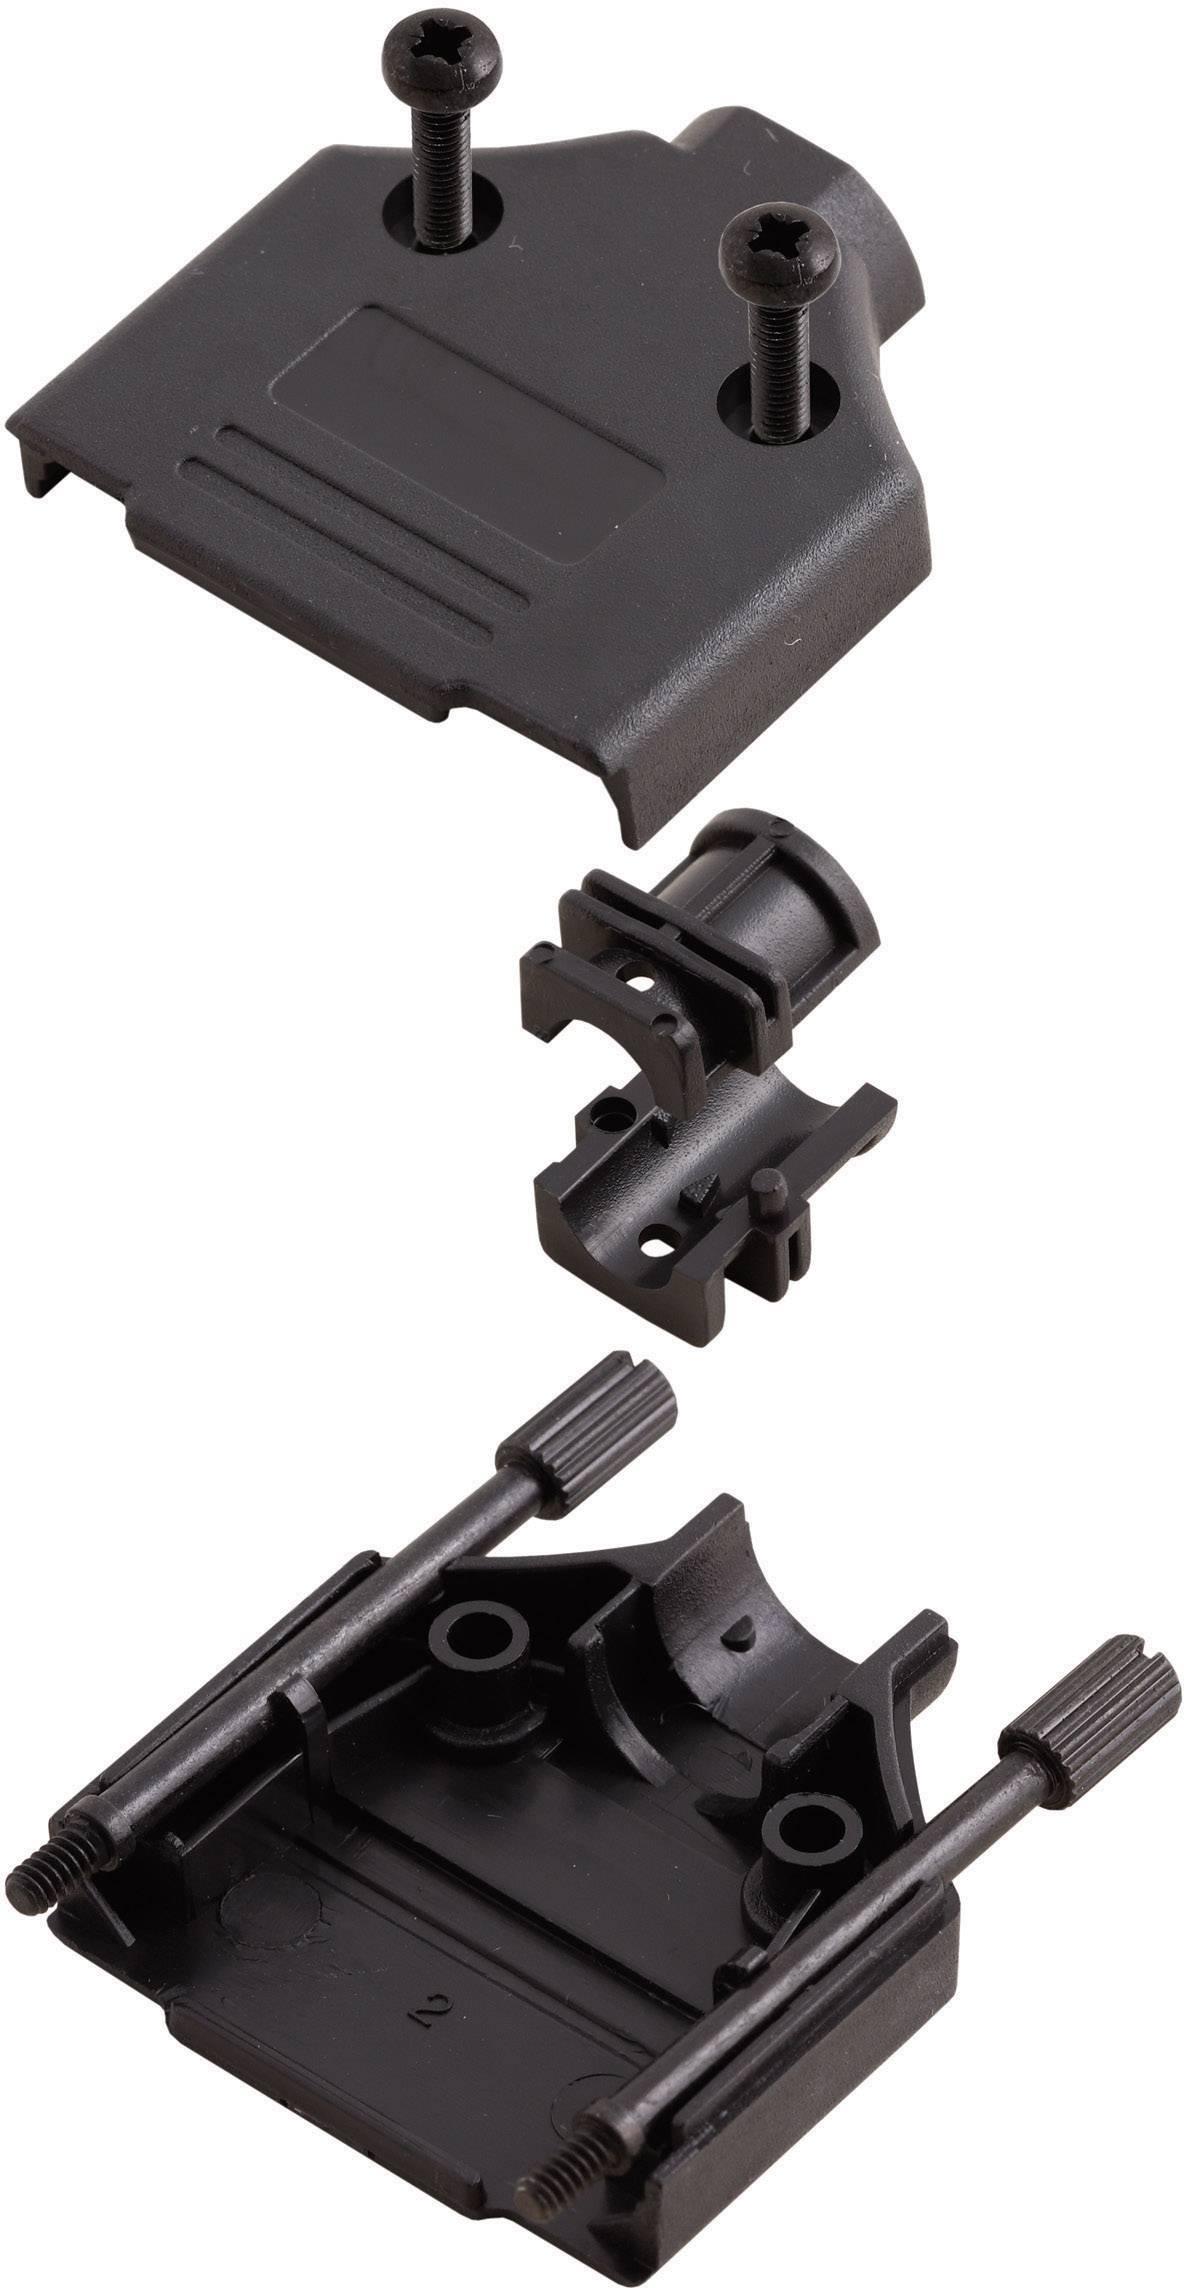 D-SUB pouzdro MH Connectors MHDTPPK-37-BK-K 6560-0108-04, Pólů: 37, plast, 180 °, černá, 1 ks